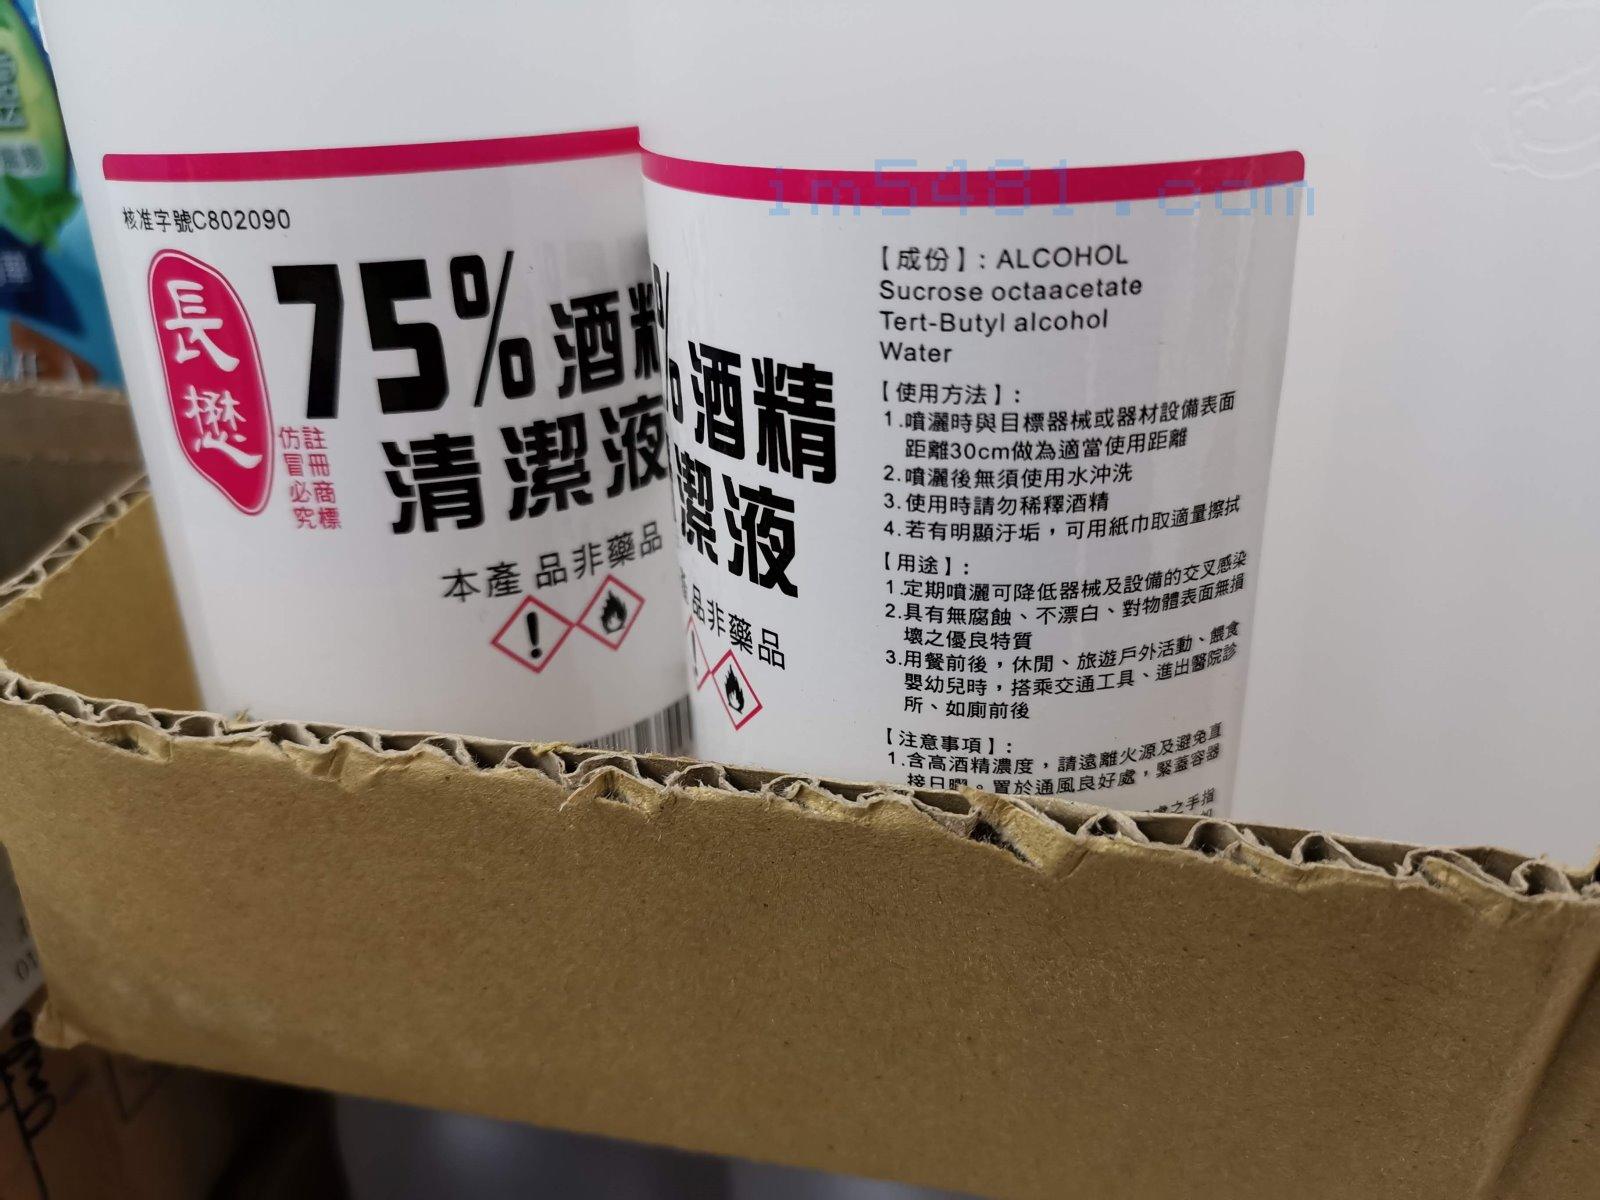 長懋75%酒精清潔液,原料除了Alcohol(乙醇)之外,還有TBA 叔丁醇(Tert-Butyl alcohol)跟SOC 八乙酸蔗糖酯(Sucrose octaacetate),所以也是變性酒精。